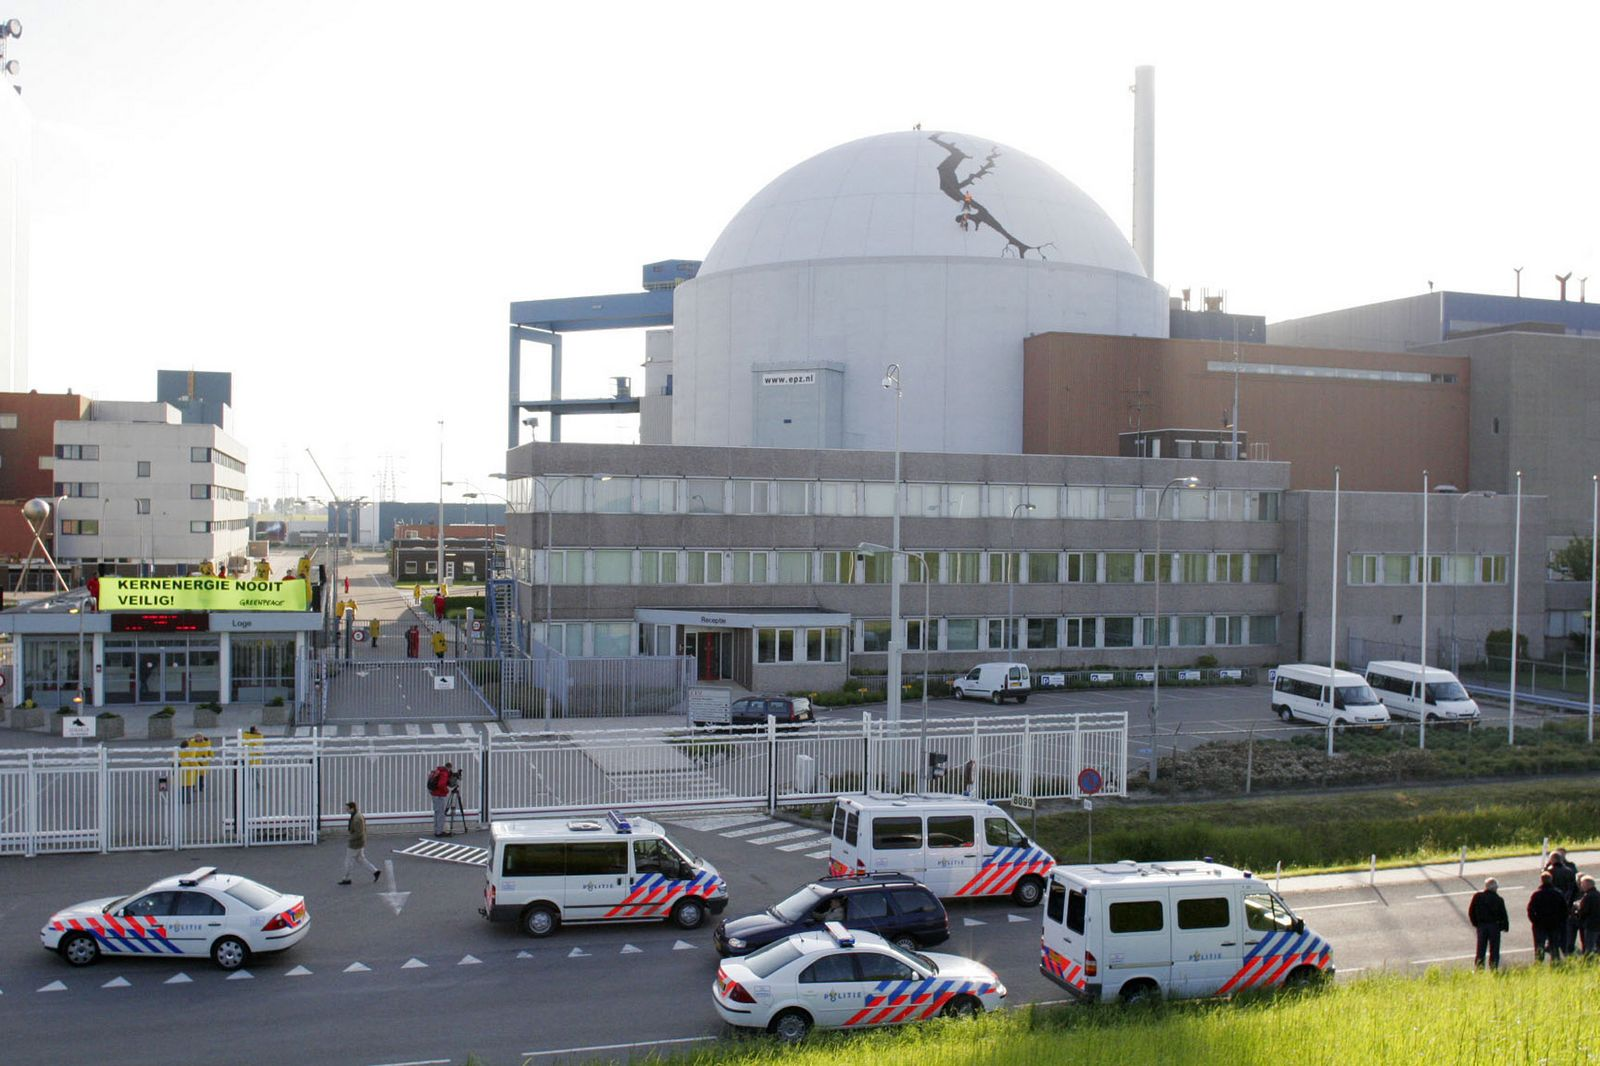 Borssele / Greenpeace